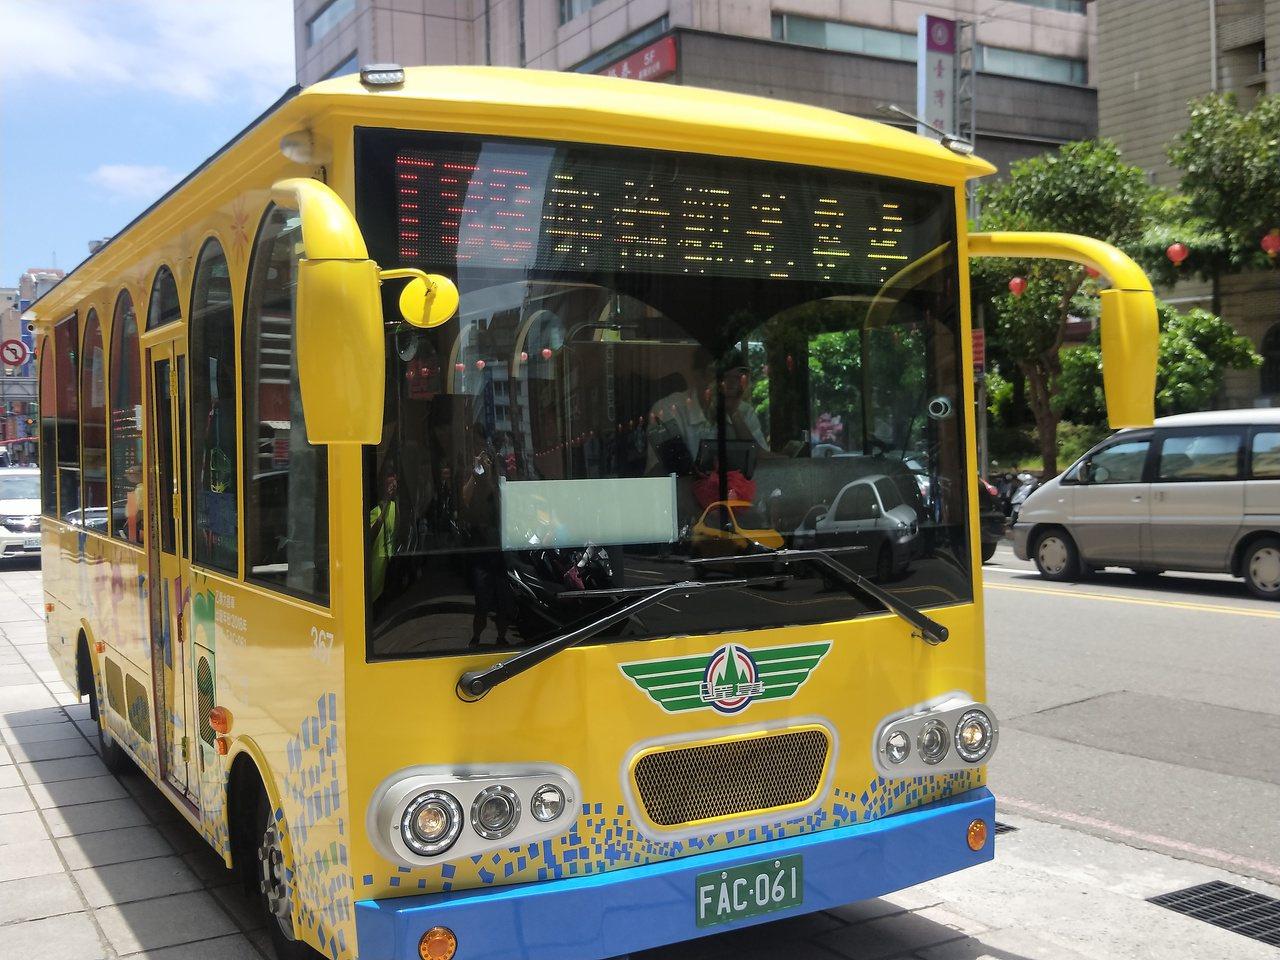 基隆市政府推出全國首創郵輪觀光專車,1天玩遍基隆人氣景點。 記者游明煌/攝影